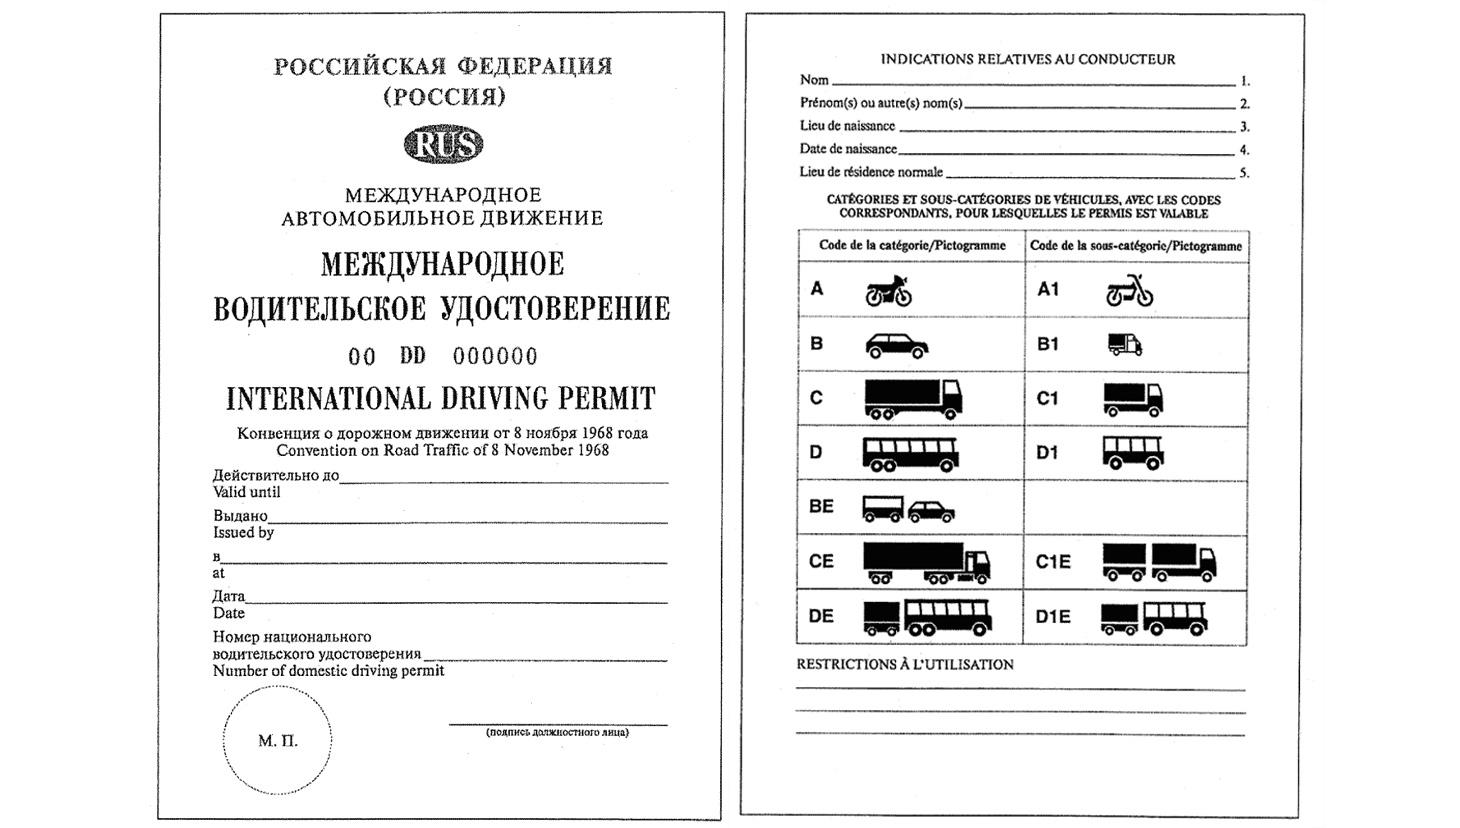 гибдд международные автомобильные права: